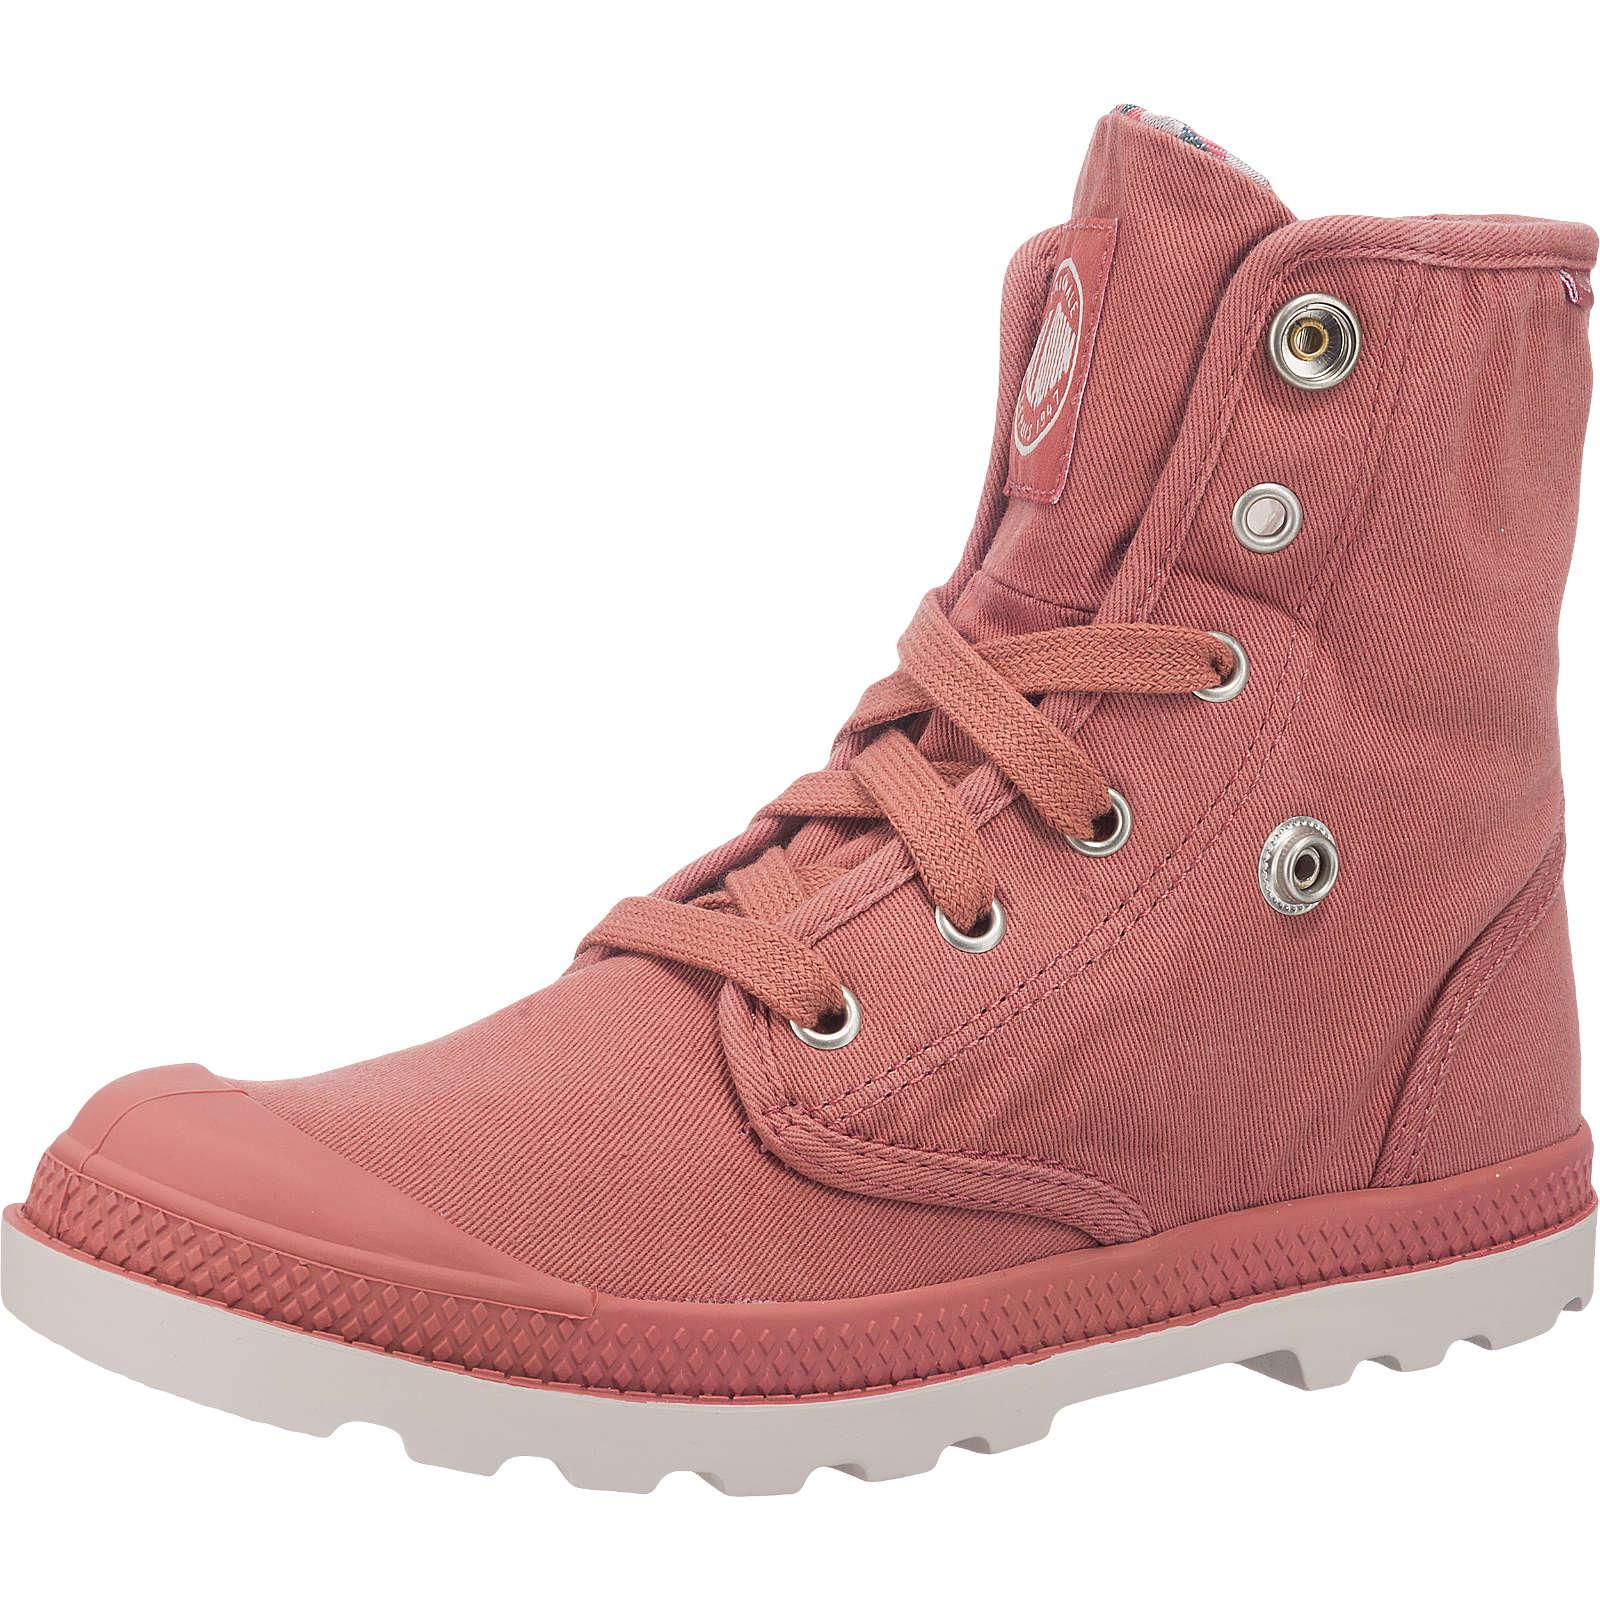 Palladium Baggy Low Lp Tw P Sneakers hellrot Damen Gr. 37